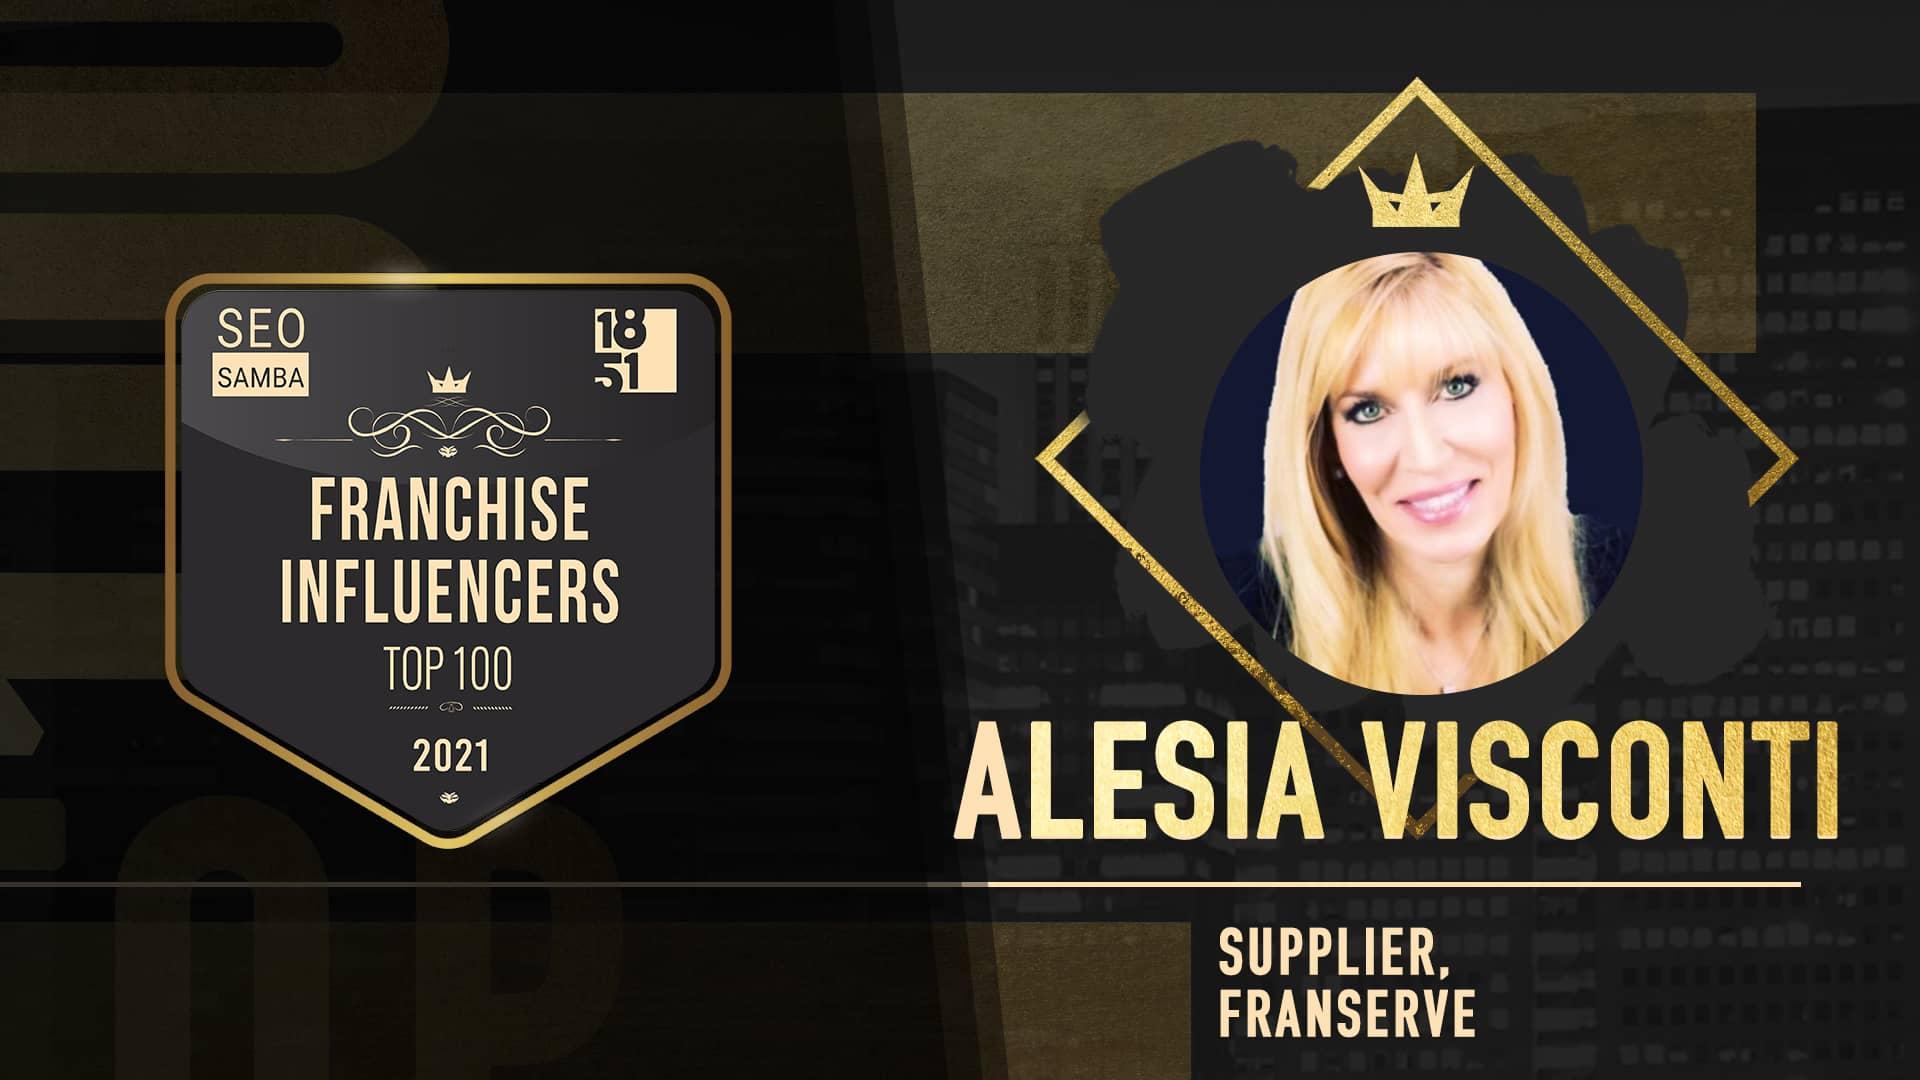 Alesia Visconti - FranServe